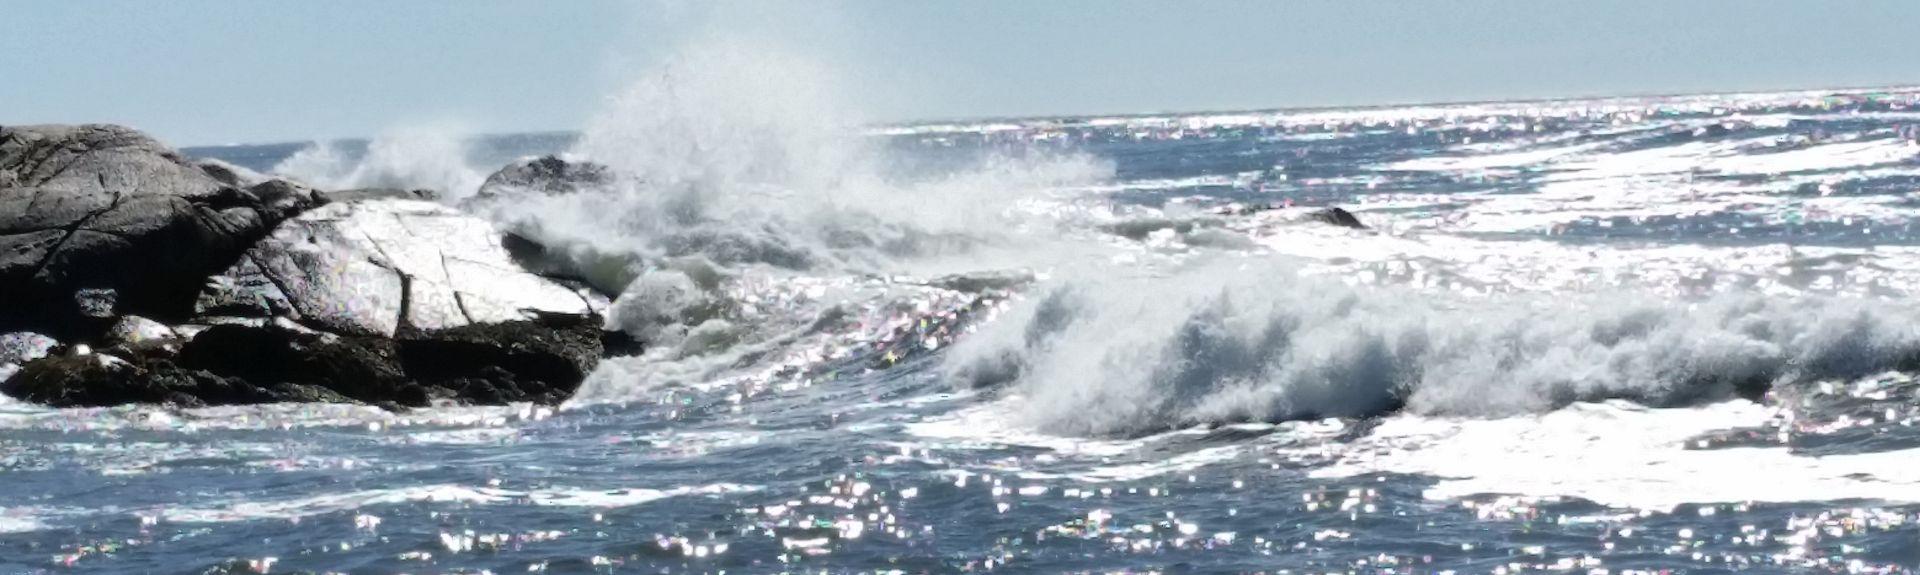 White Point, Hunts Point, Nova Scotia, Canada